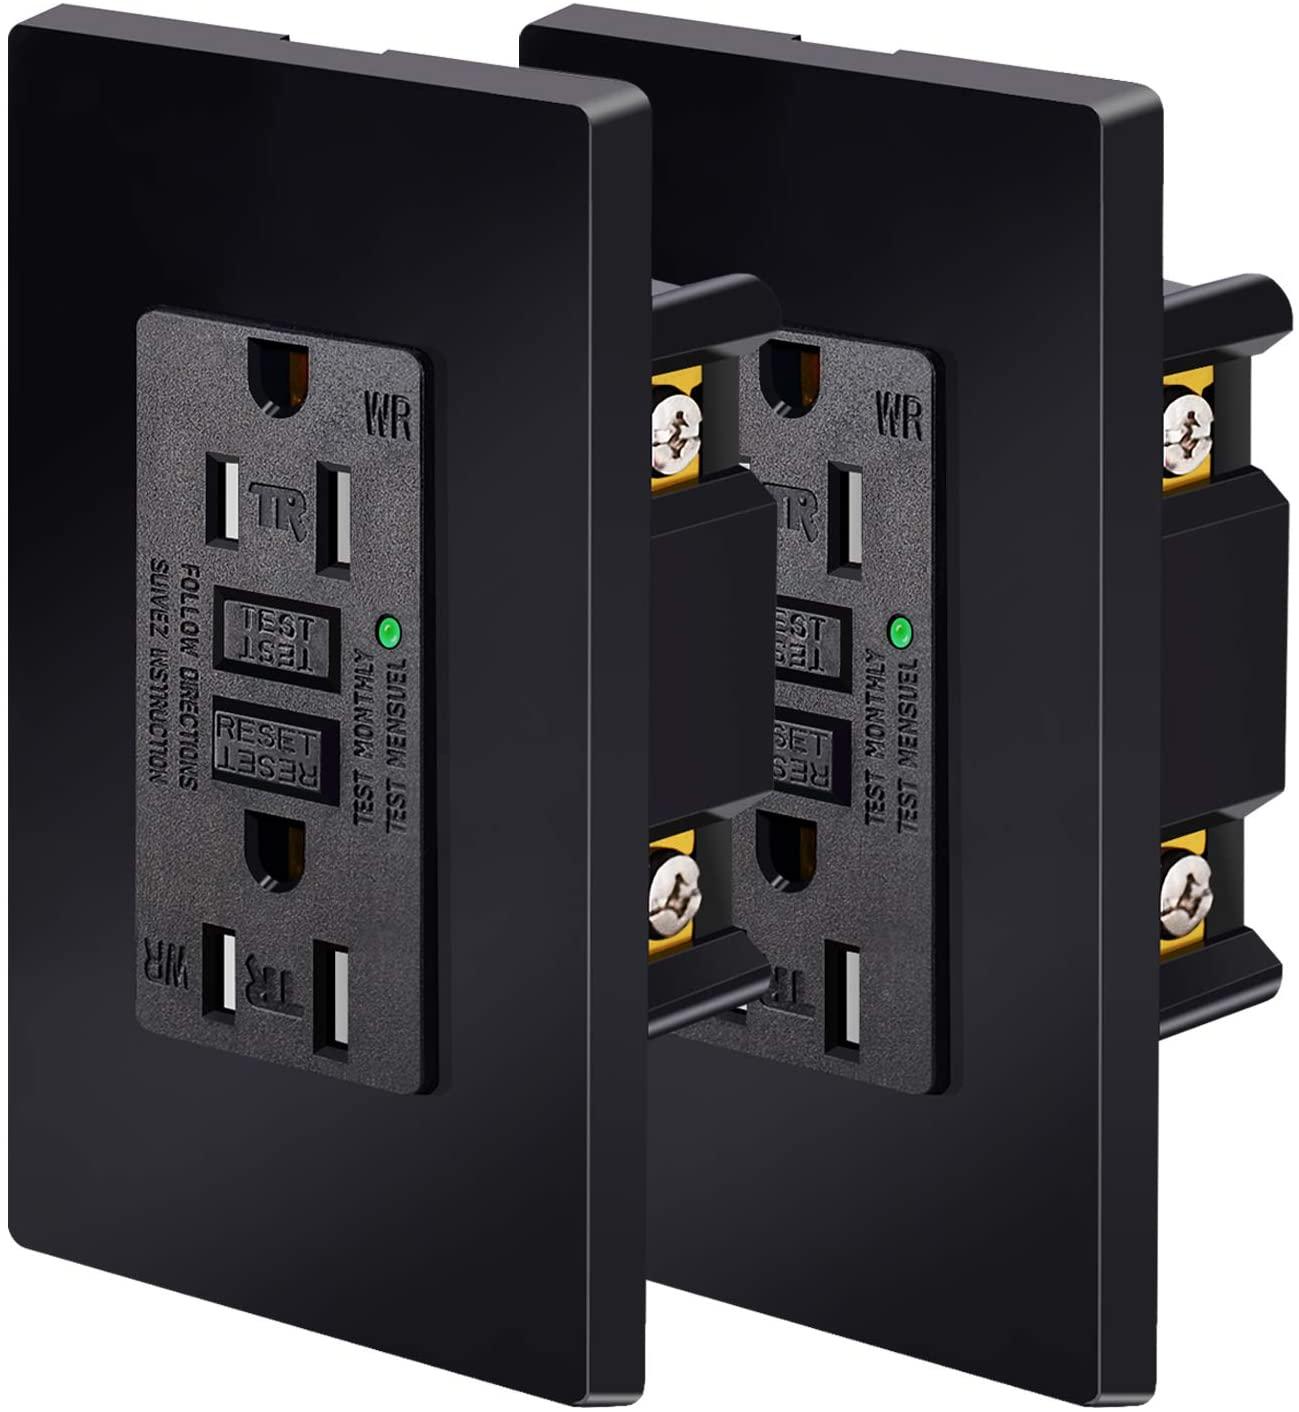 NineLeaf 2 Pack 15A 125V Tamper-Resistant(TR) Weather-Resistant(WR)GFCI Outlet Receptacles Slim Design LED Indicator Decorative Wall Plates and Screws Included ETL Certified Black